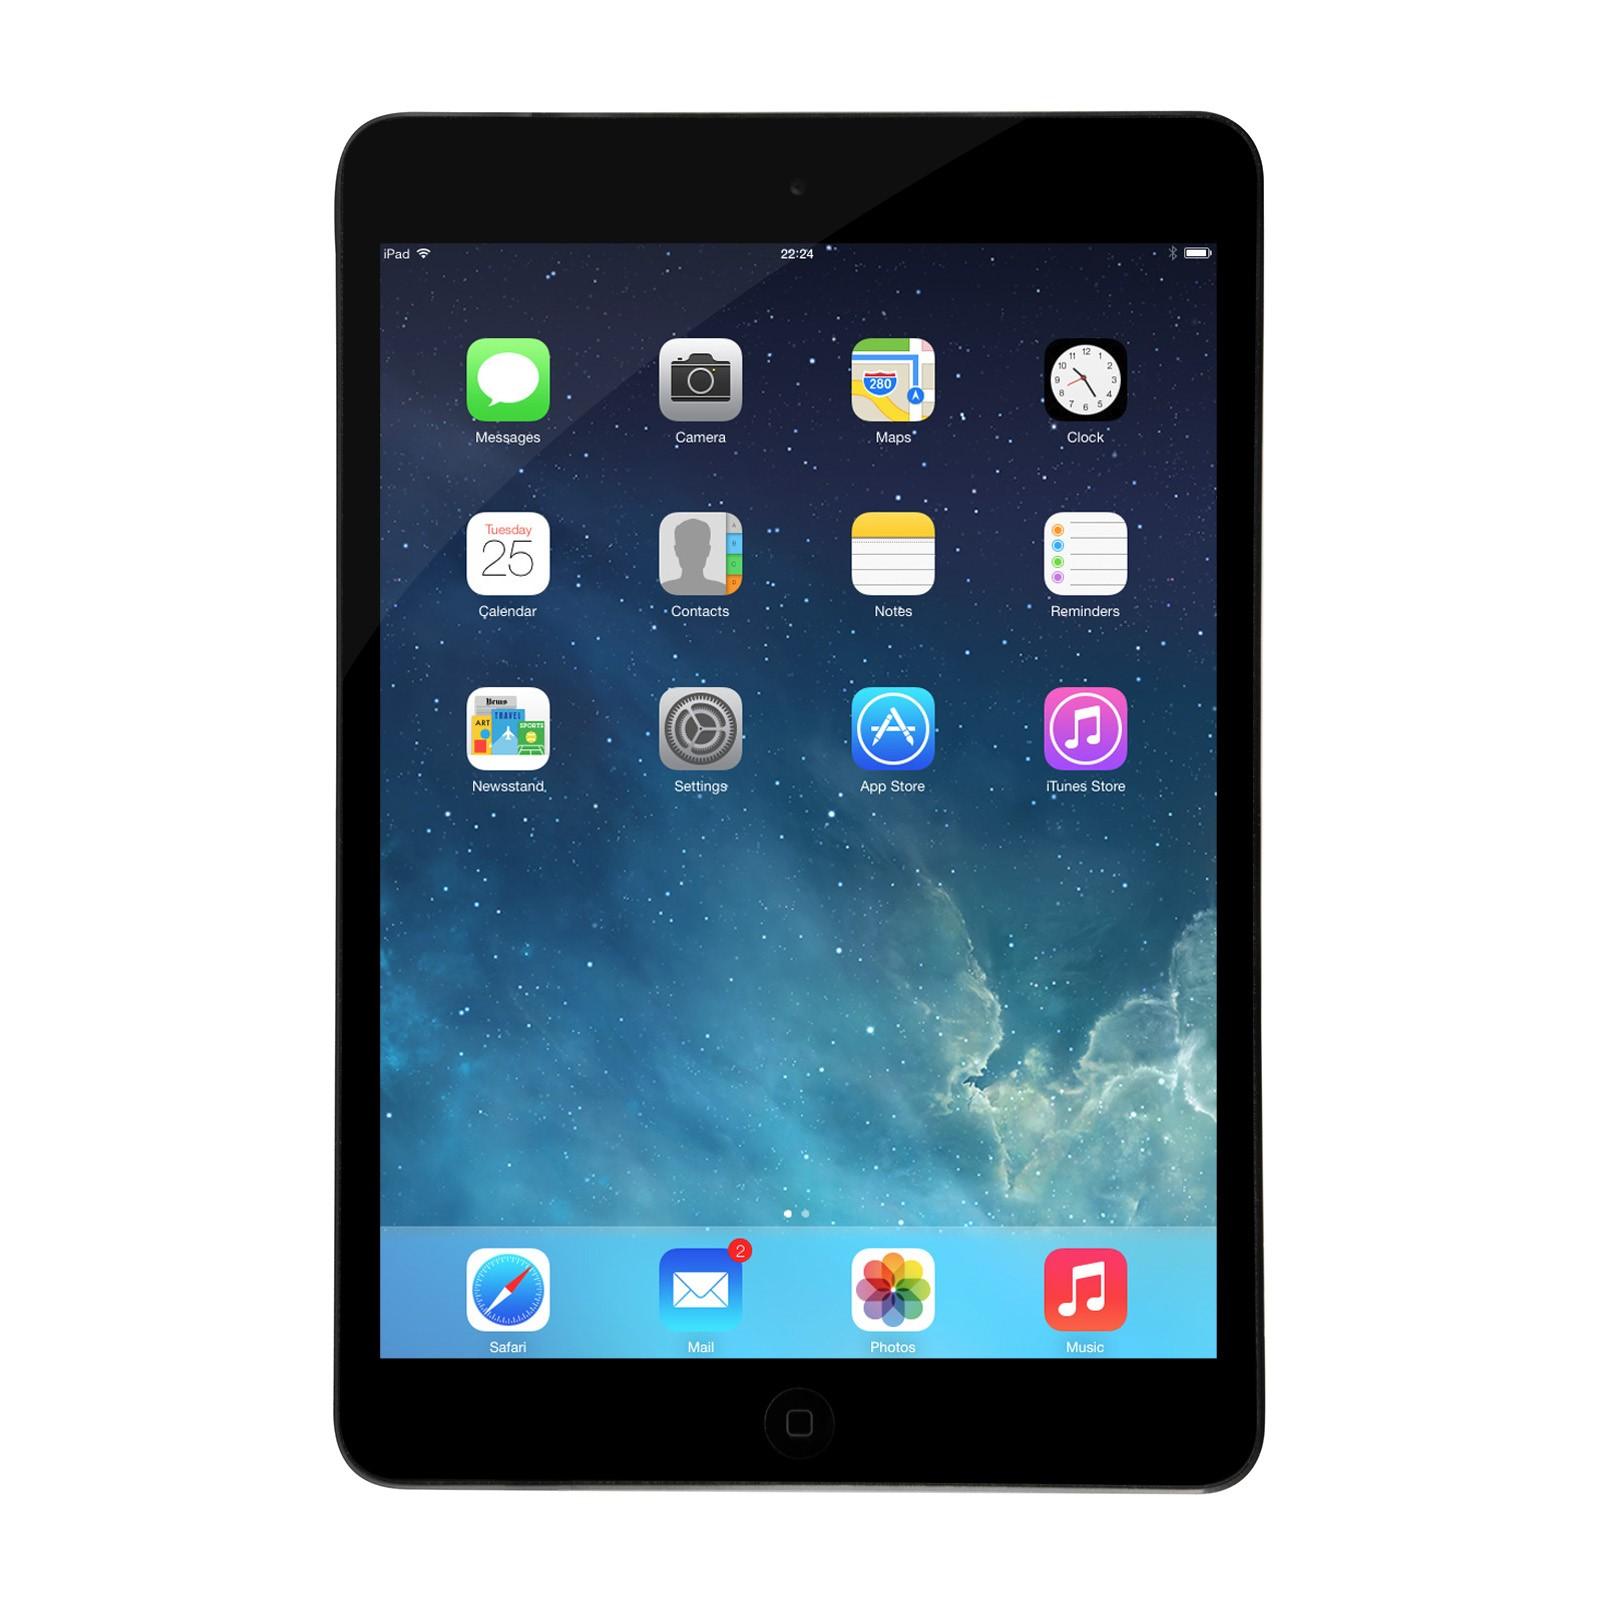 Apple iPad Mini 64GB Tablet Black